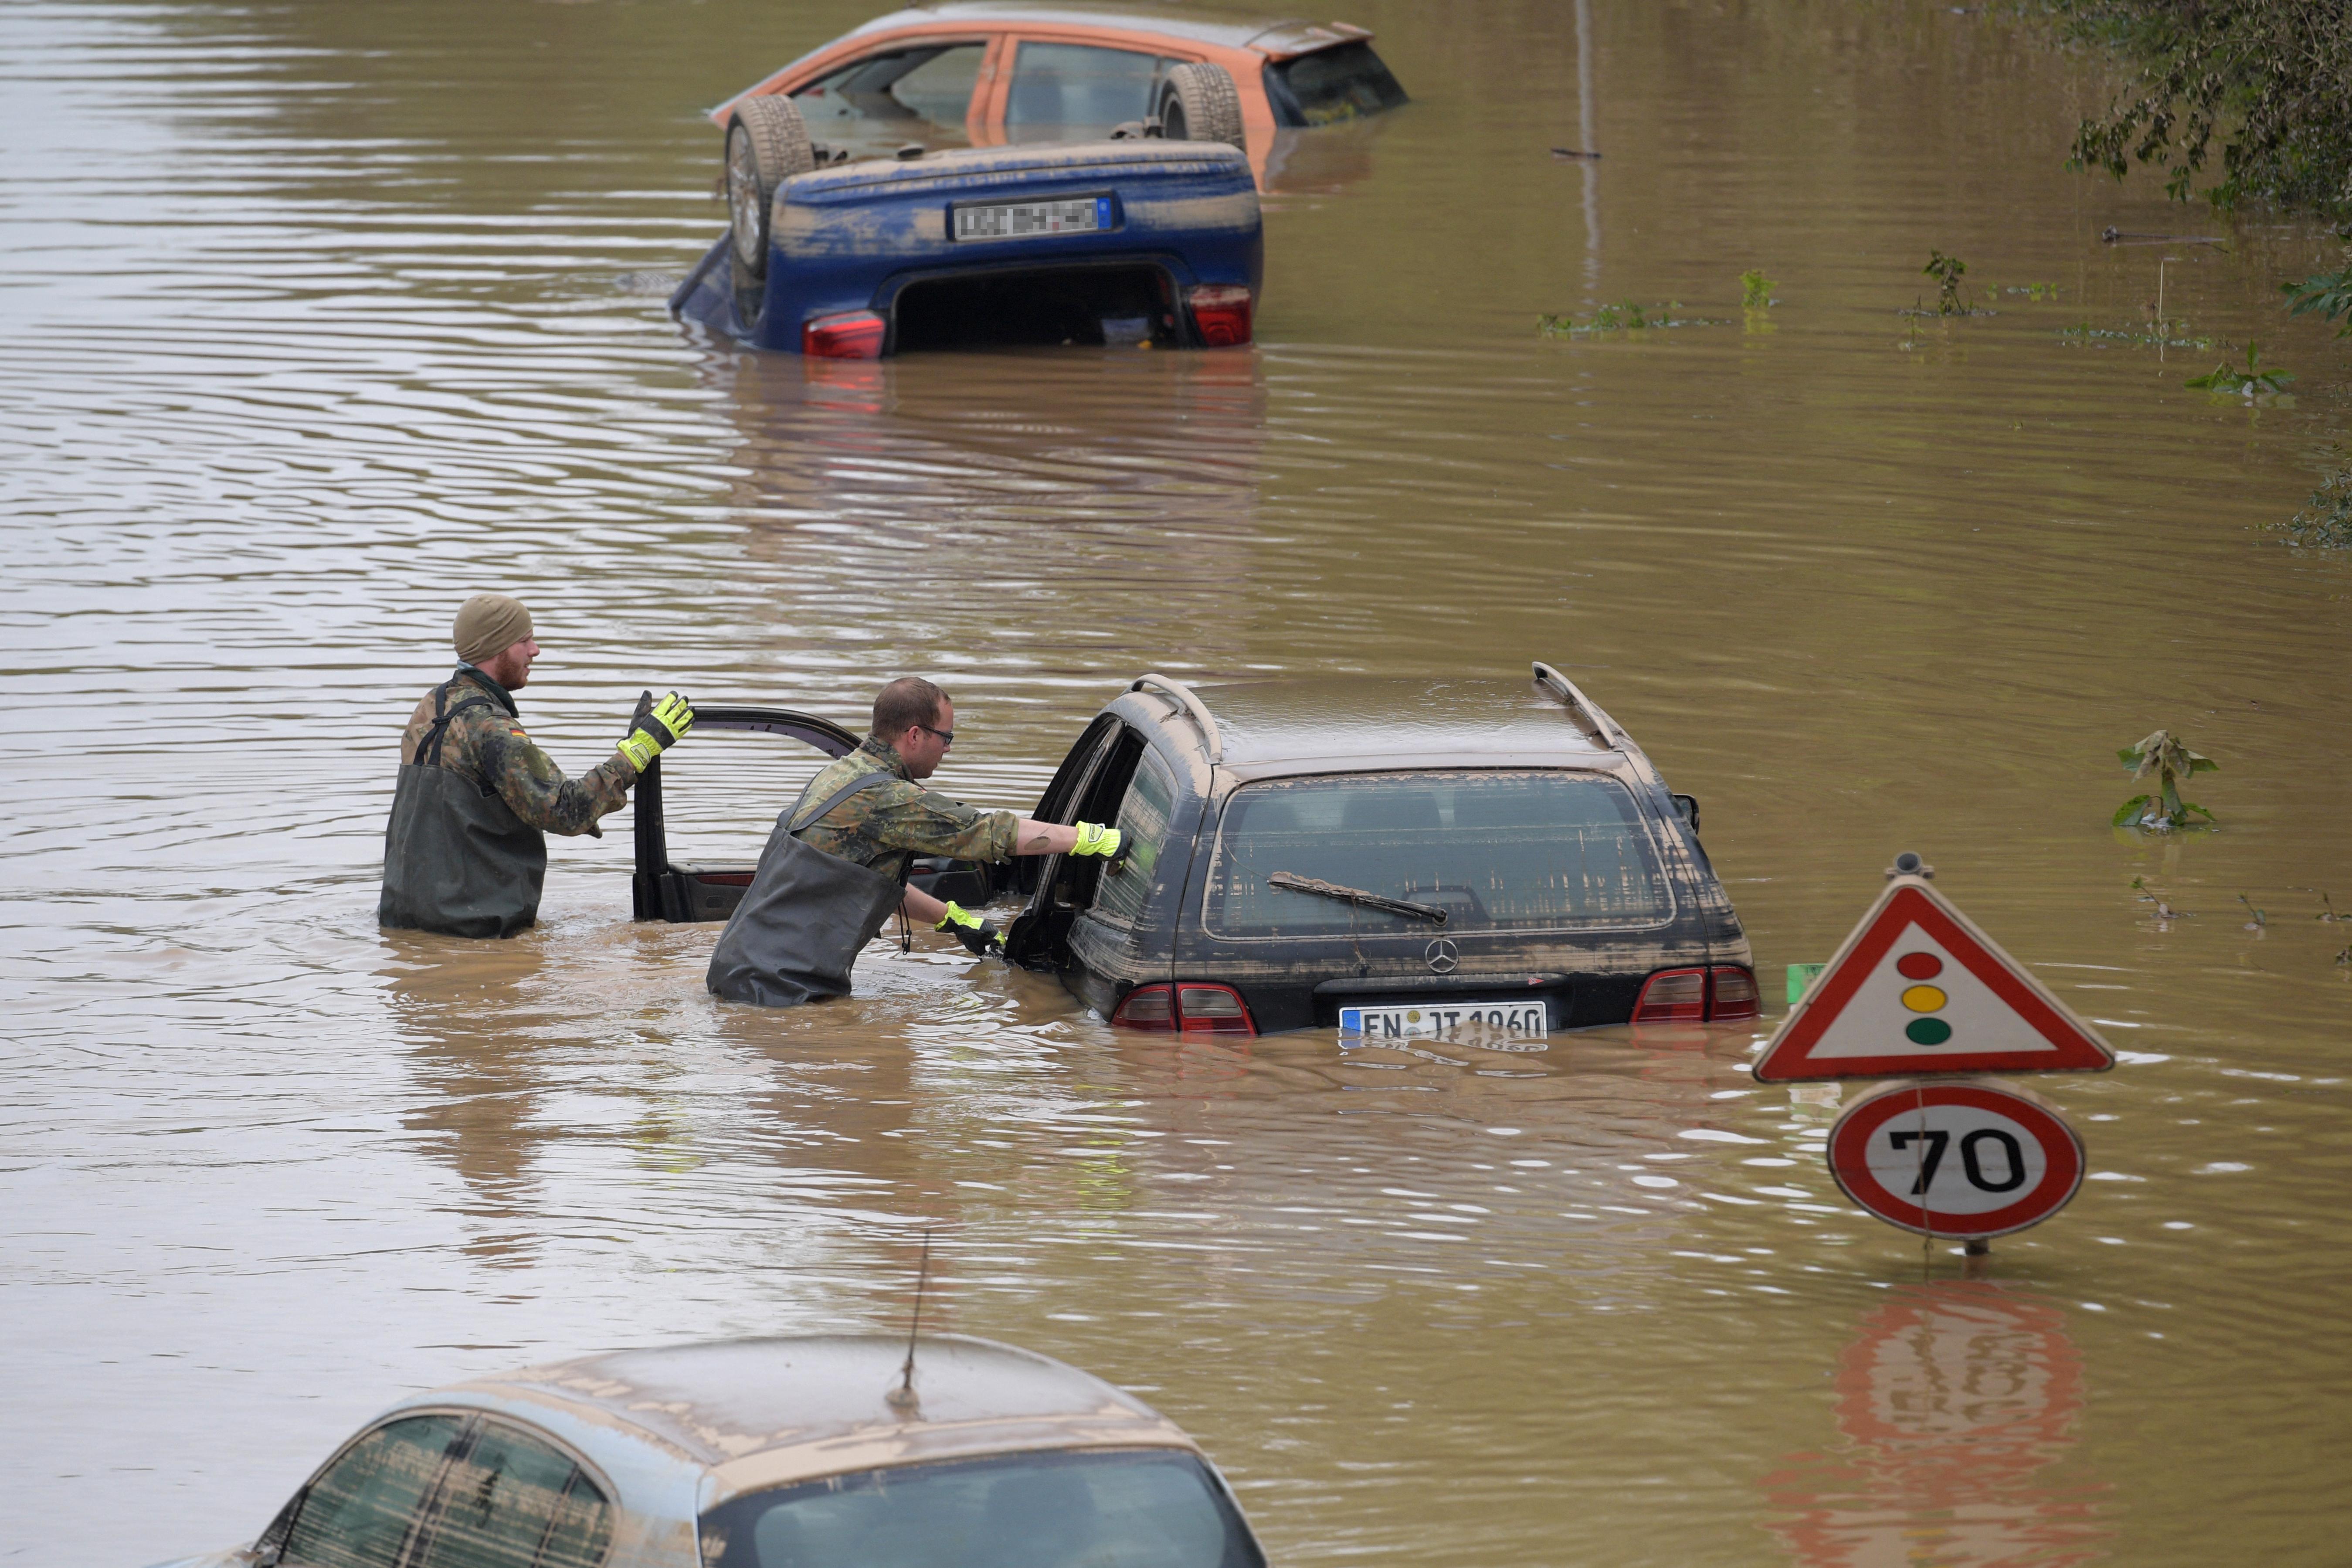 Lehetett tudni, hogy extrém áradások jönnek a Rajna-vidékben, de a figyelmeztető rendszer csődöt mondott